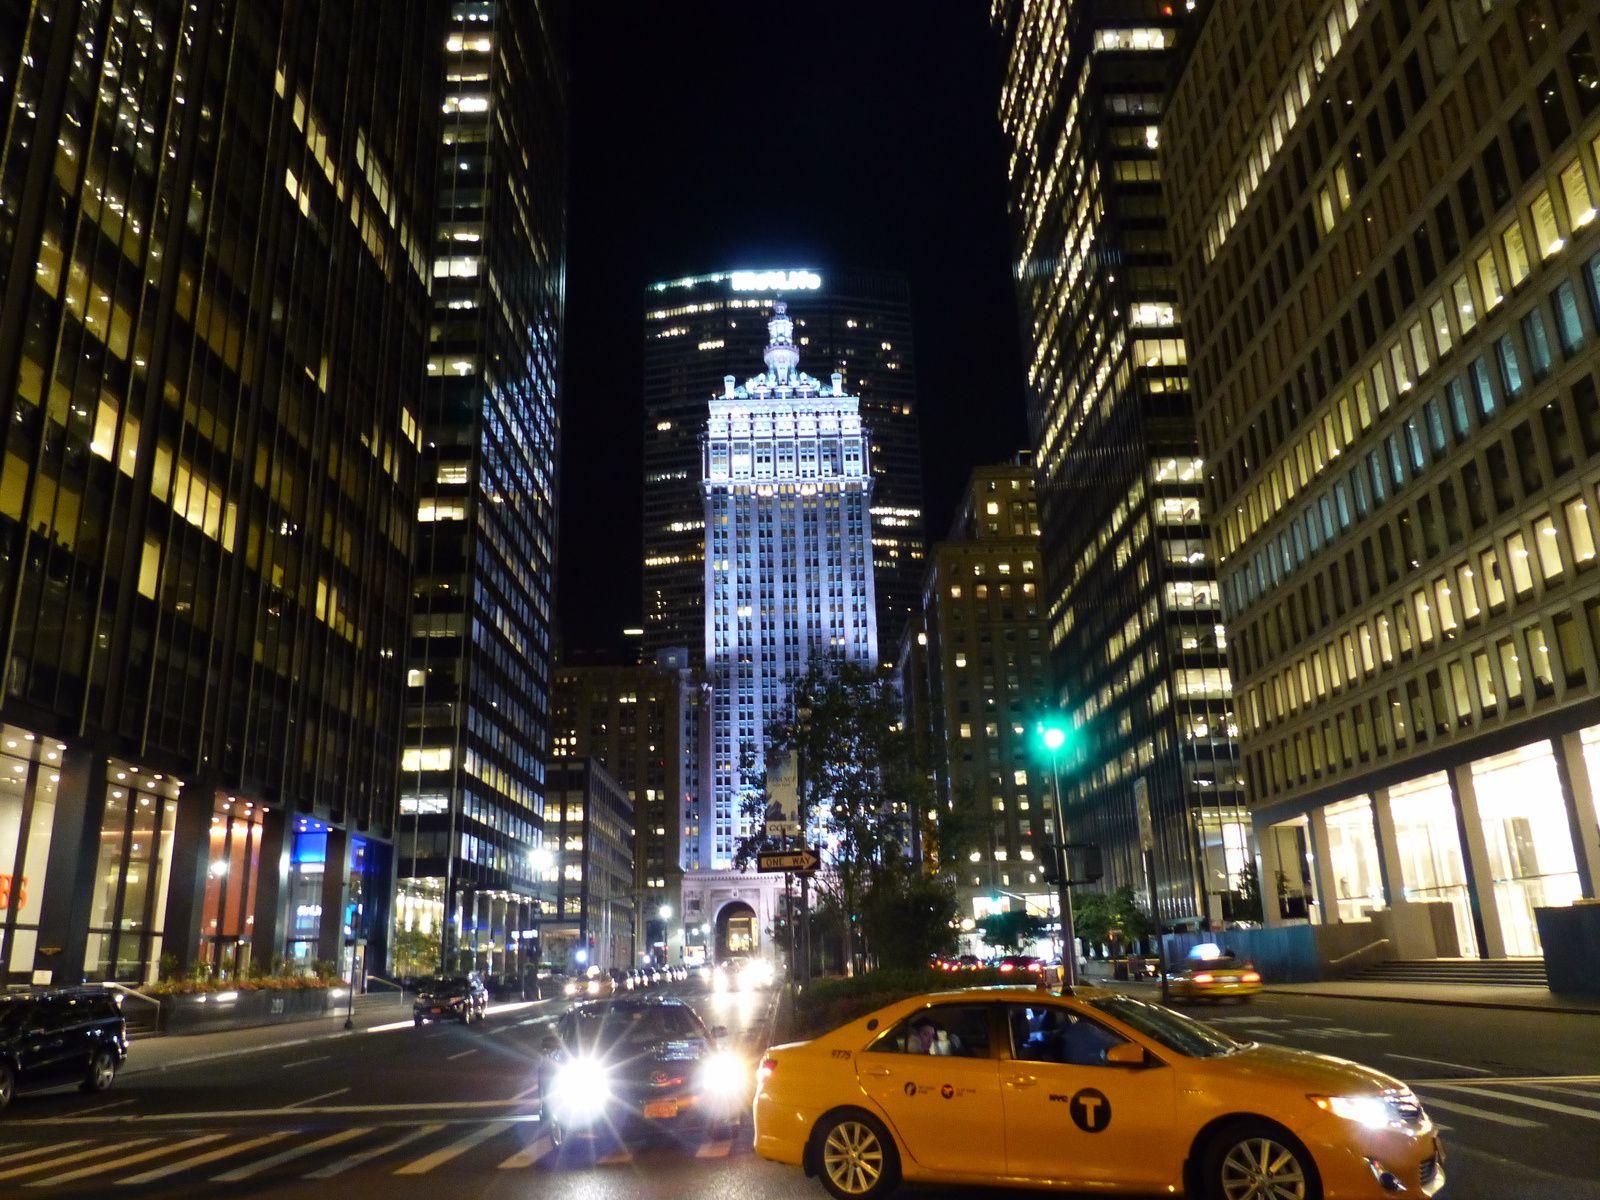 quelques uns des 8000 clichés pris lors de mon passage à NY en juin 2014 et ou je vais retourner d'ici la fin de l'année....tous ces clichés sont JFVC copyright.